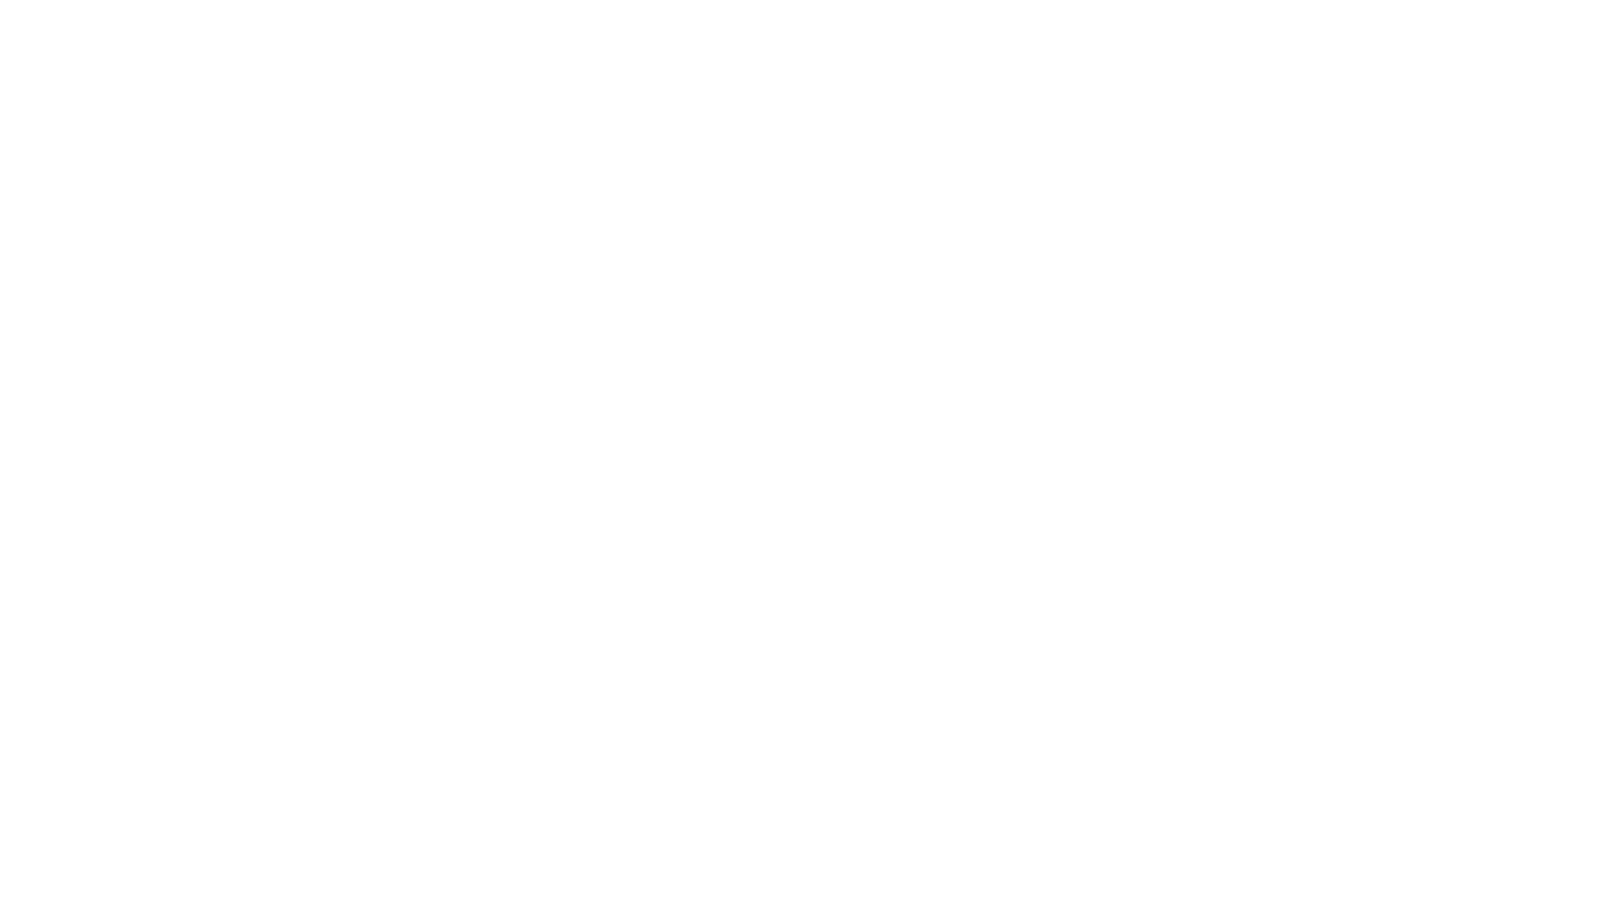 Concierto completo de Alba Bioque & Muchacho Serviole con Sara Abad al baile.   Música en directo en la sala Espais Vida de Barcelona. Flamenco Pop y Rumba Catalana con aires de Soul, Funk, Bolero y Copla.  #livemusic #concierto #rumba #live